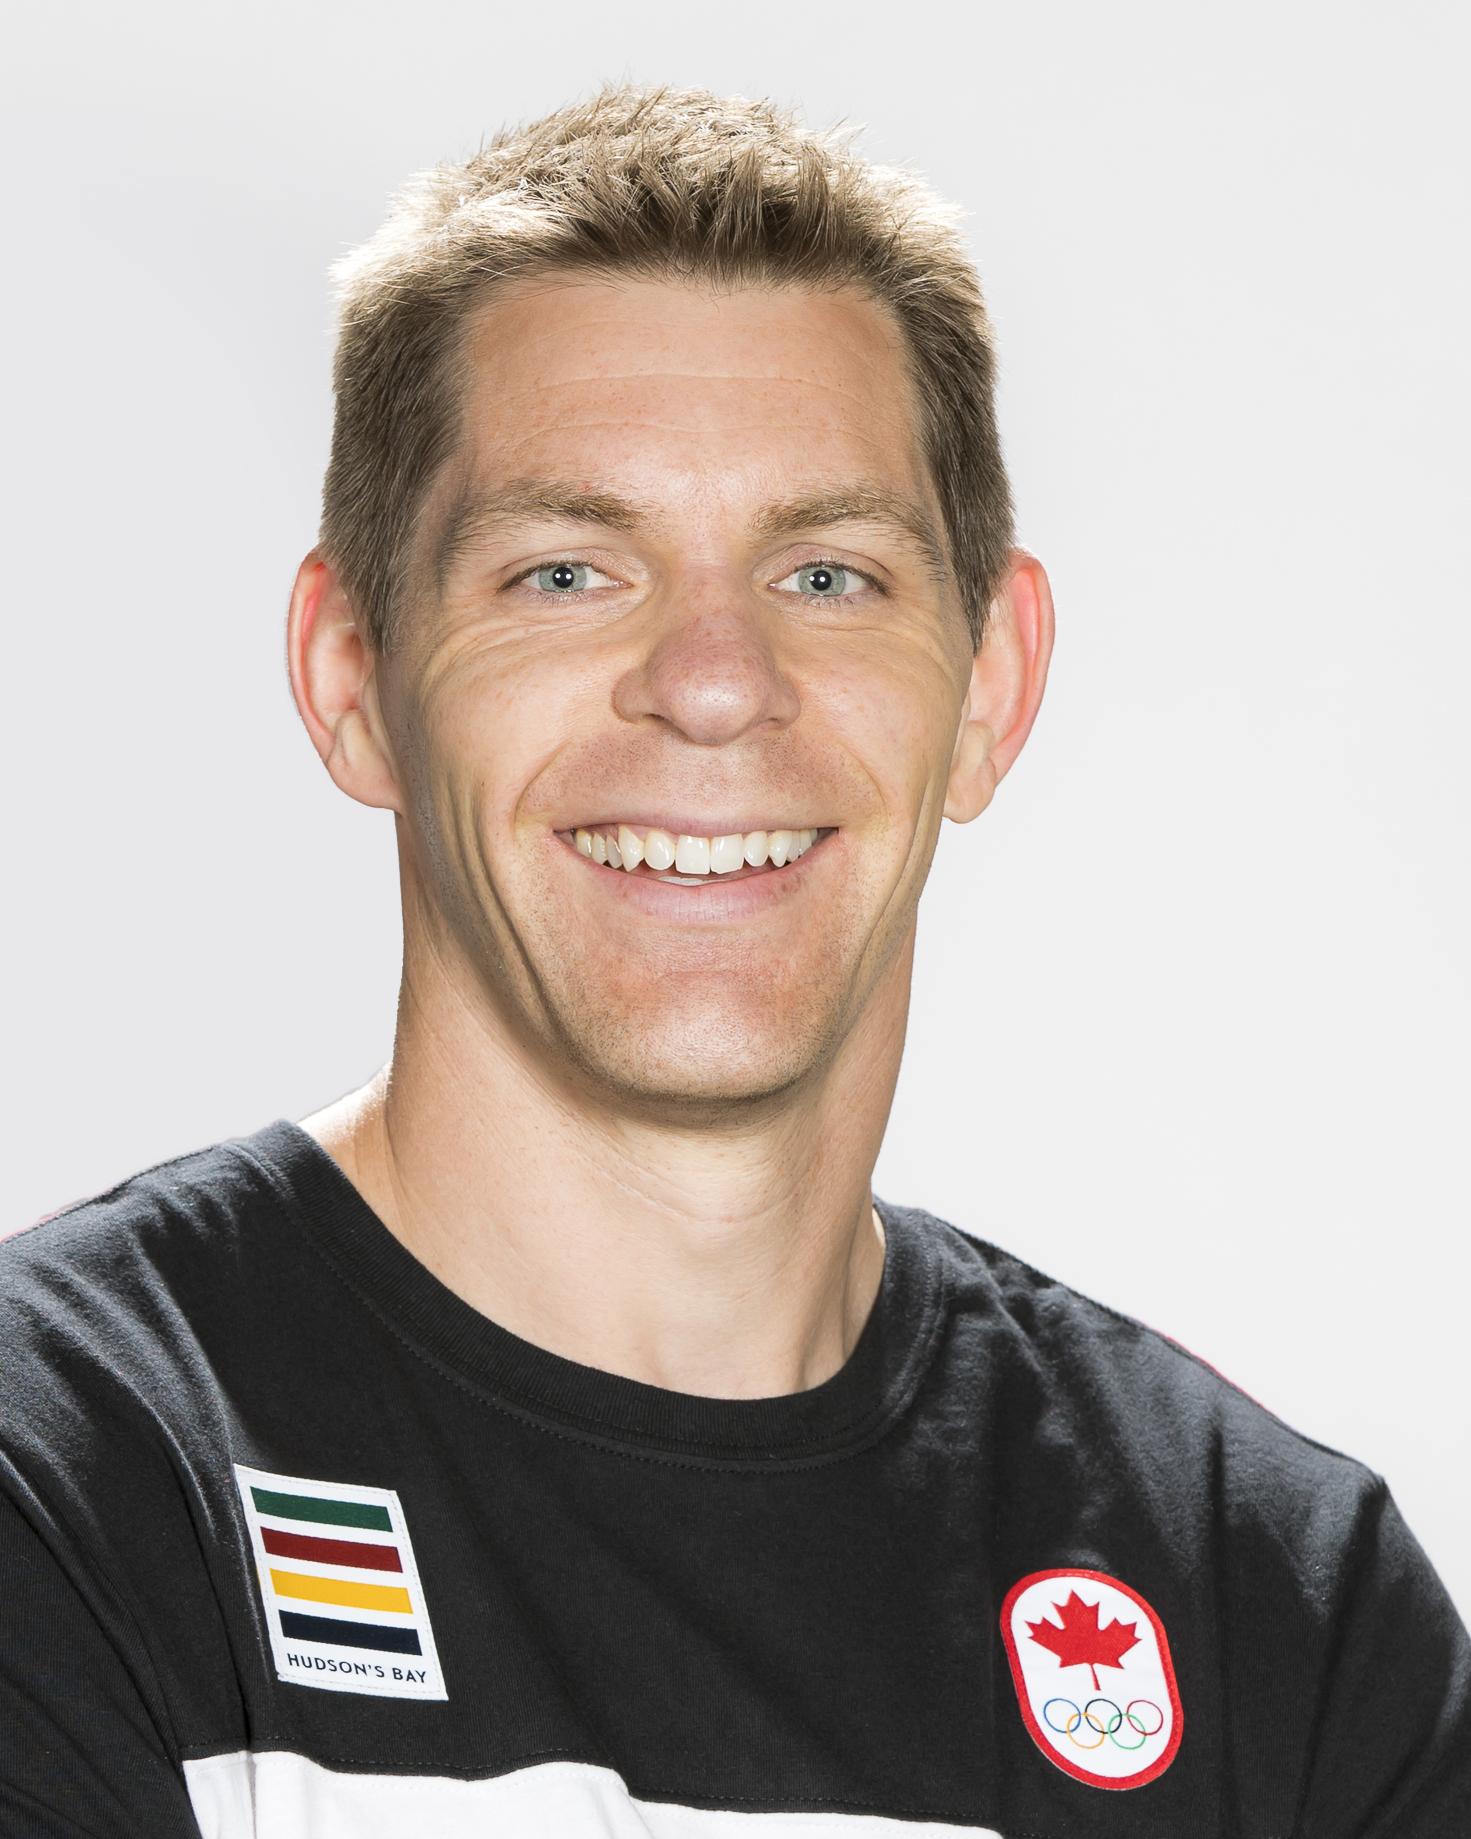 Dave Greszczyszyn